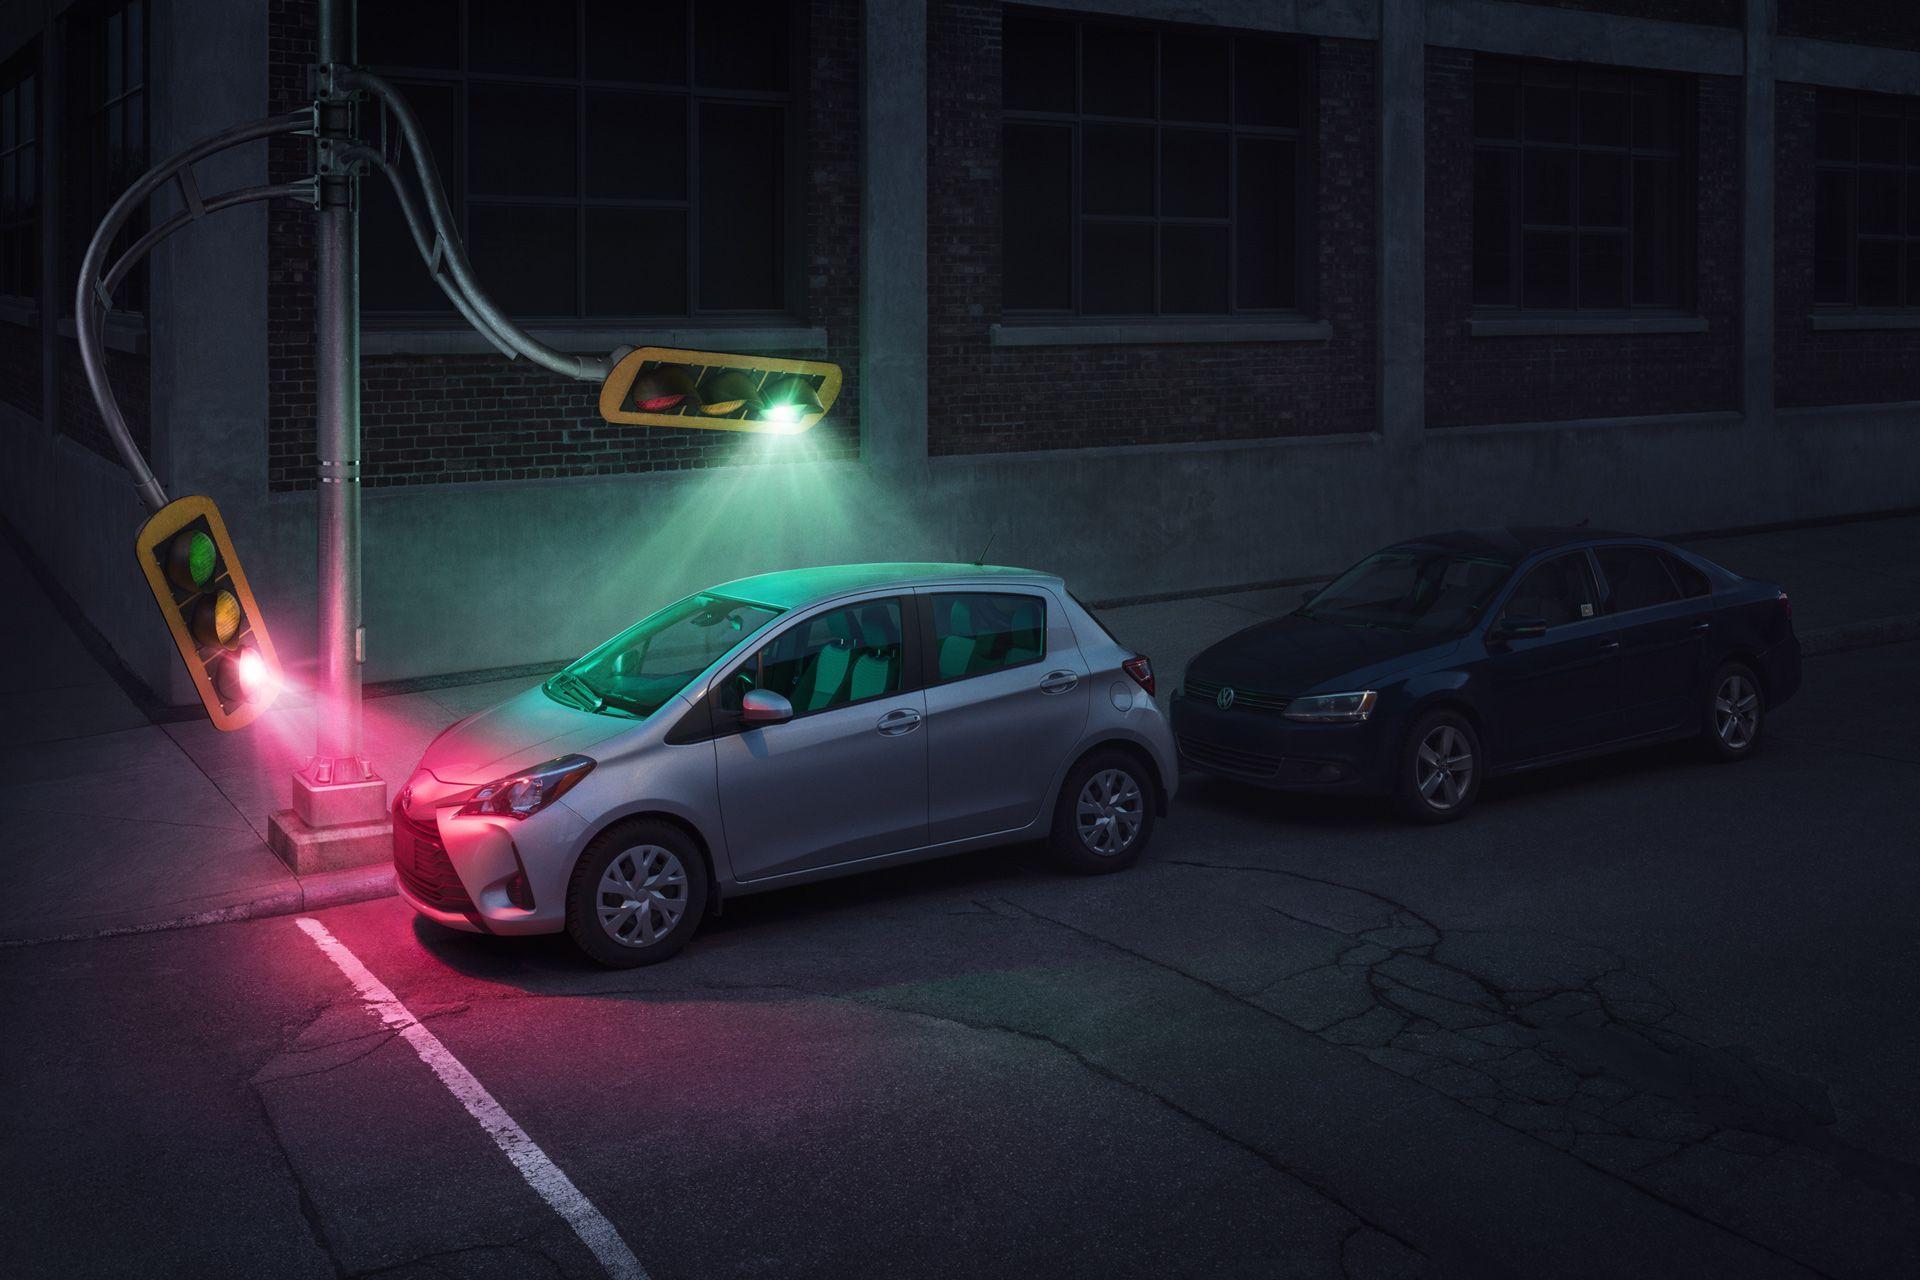 street lights bending to illuminate a grey car by Simon Duhamel for Sherlock